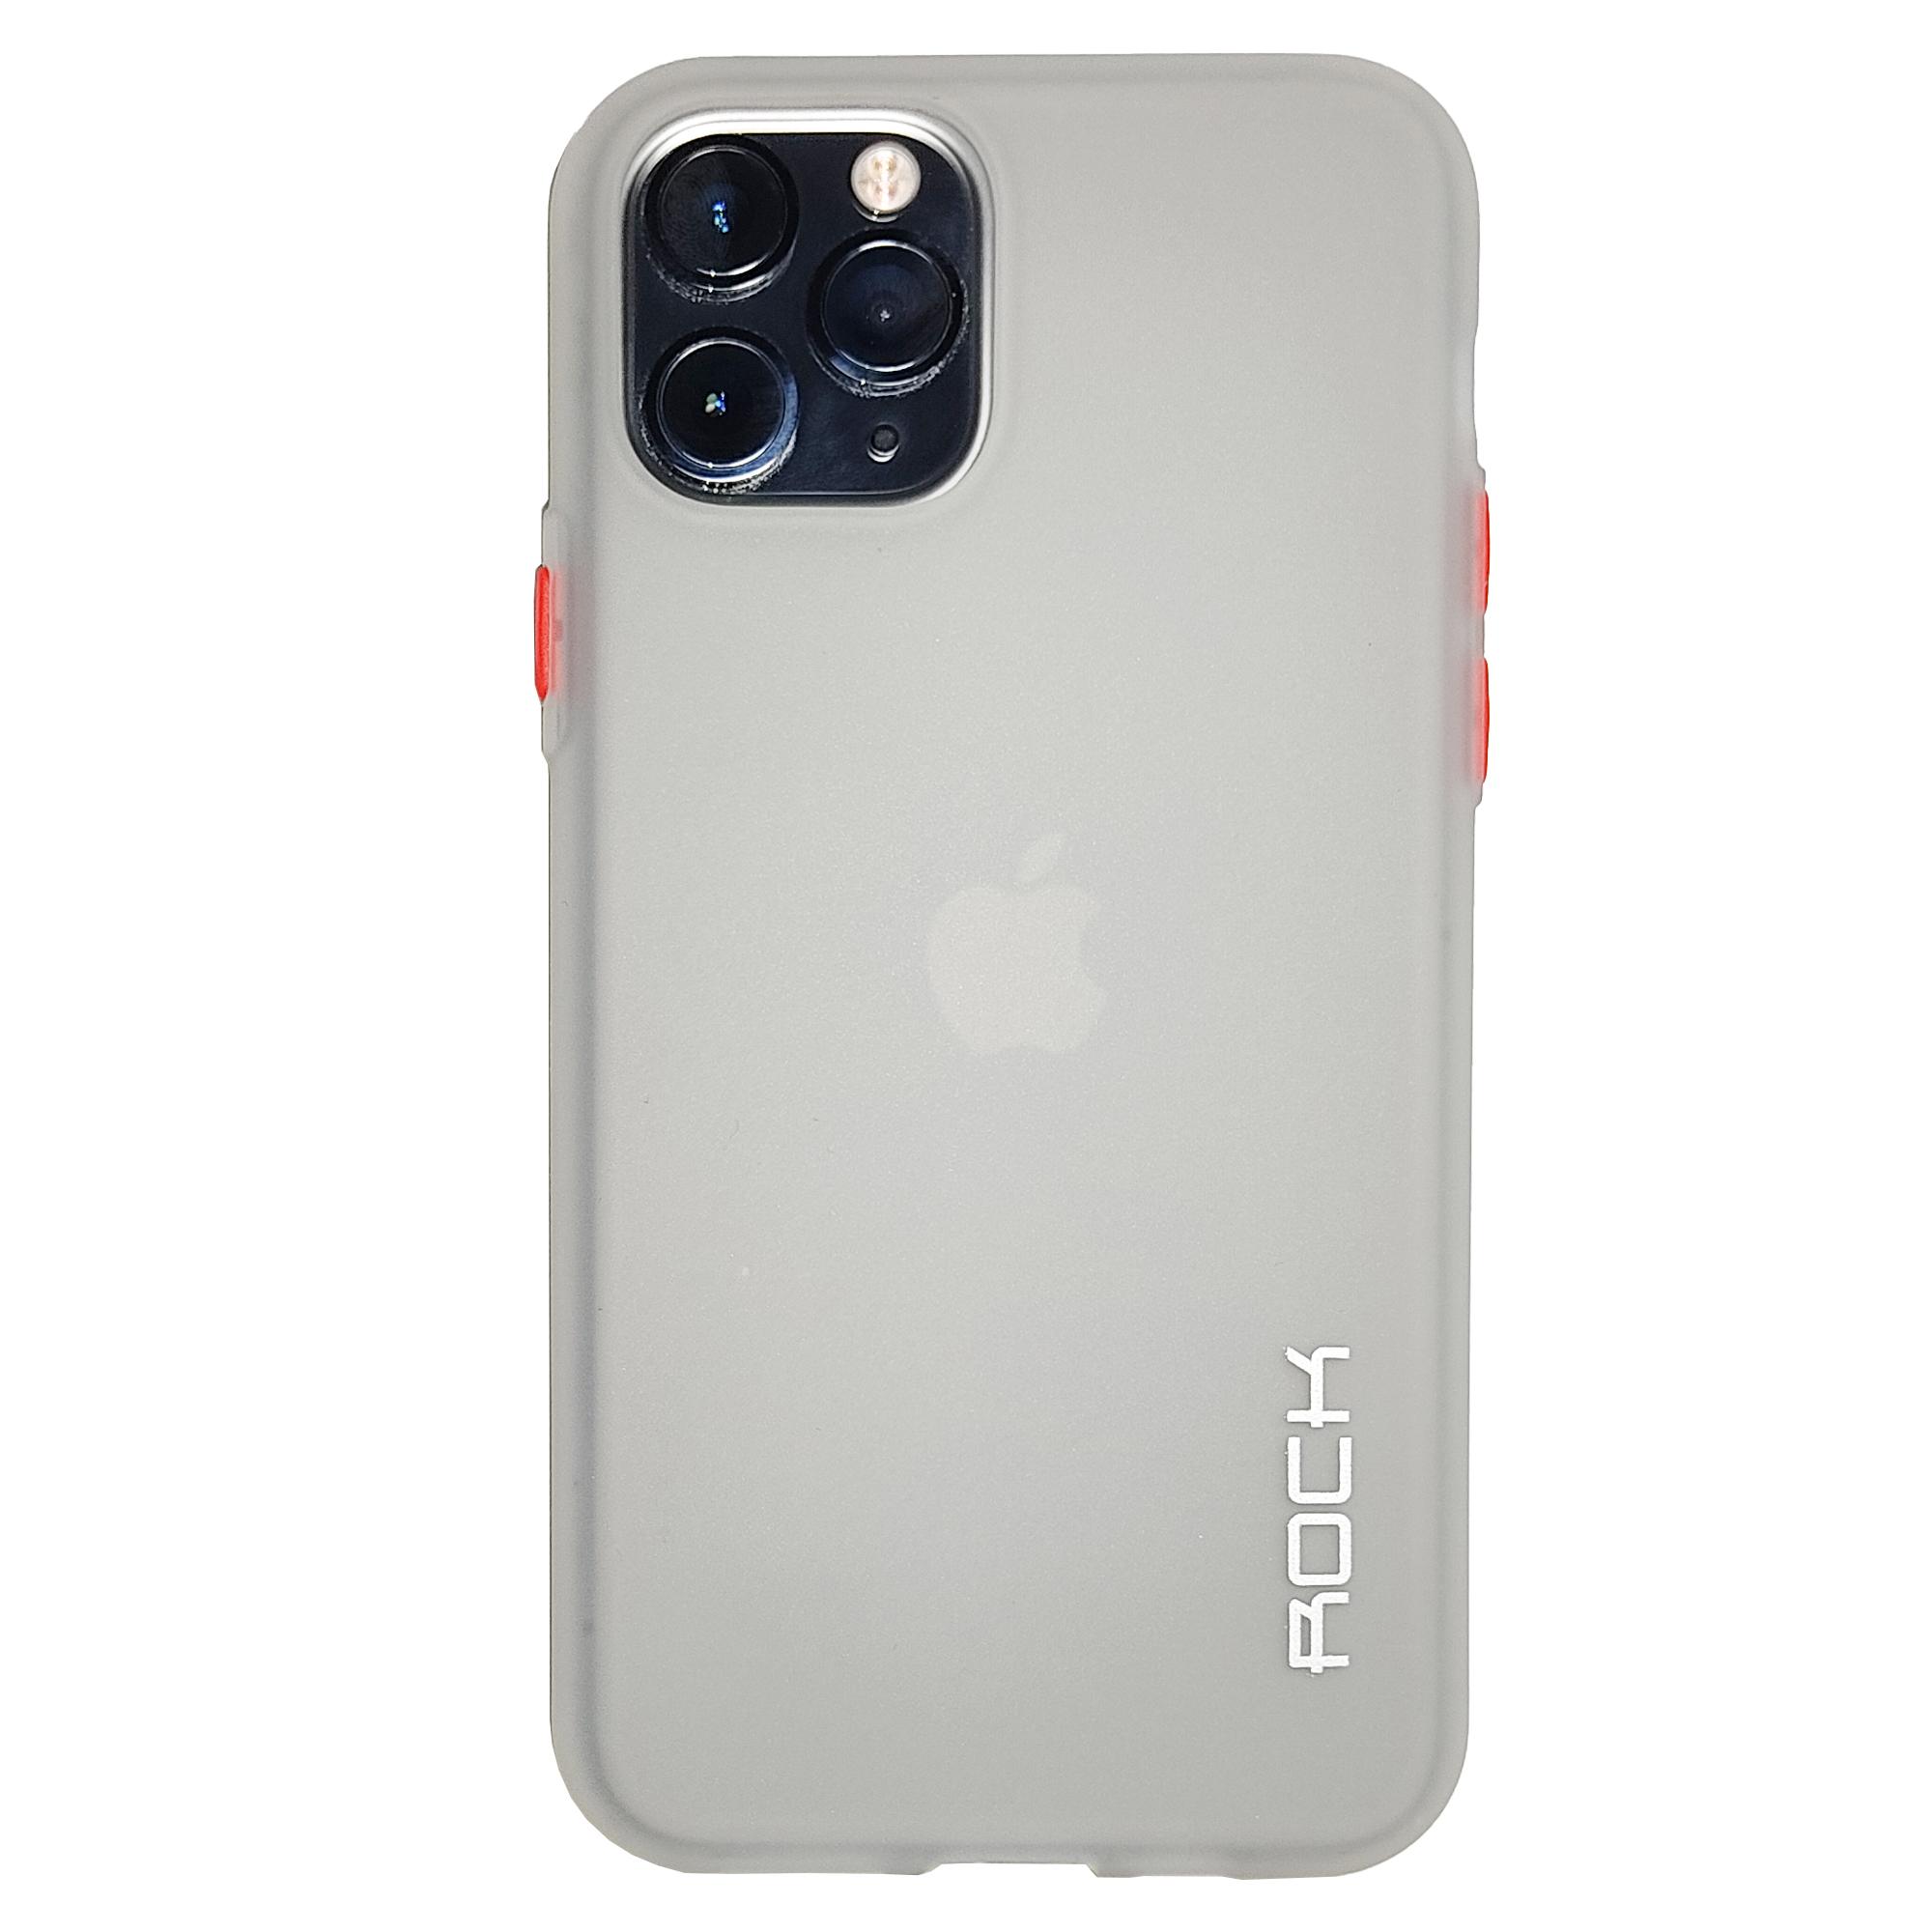 کاور راک مدل SPRT01 مناسب برای گوشی موبایل اپل iPhone 11 Pro thumb 2 4